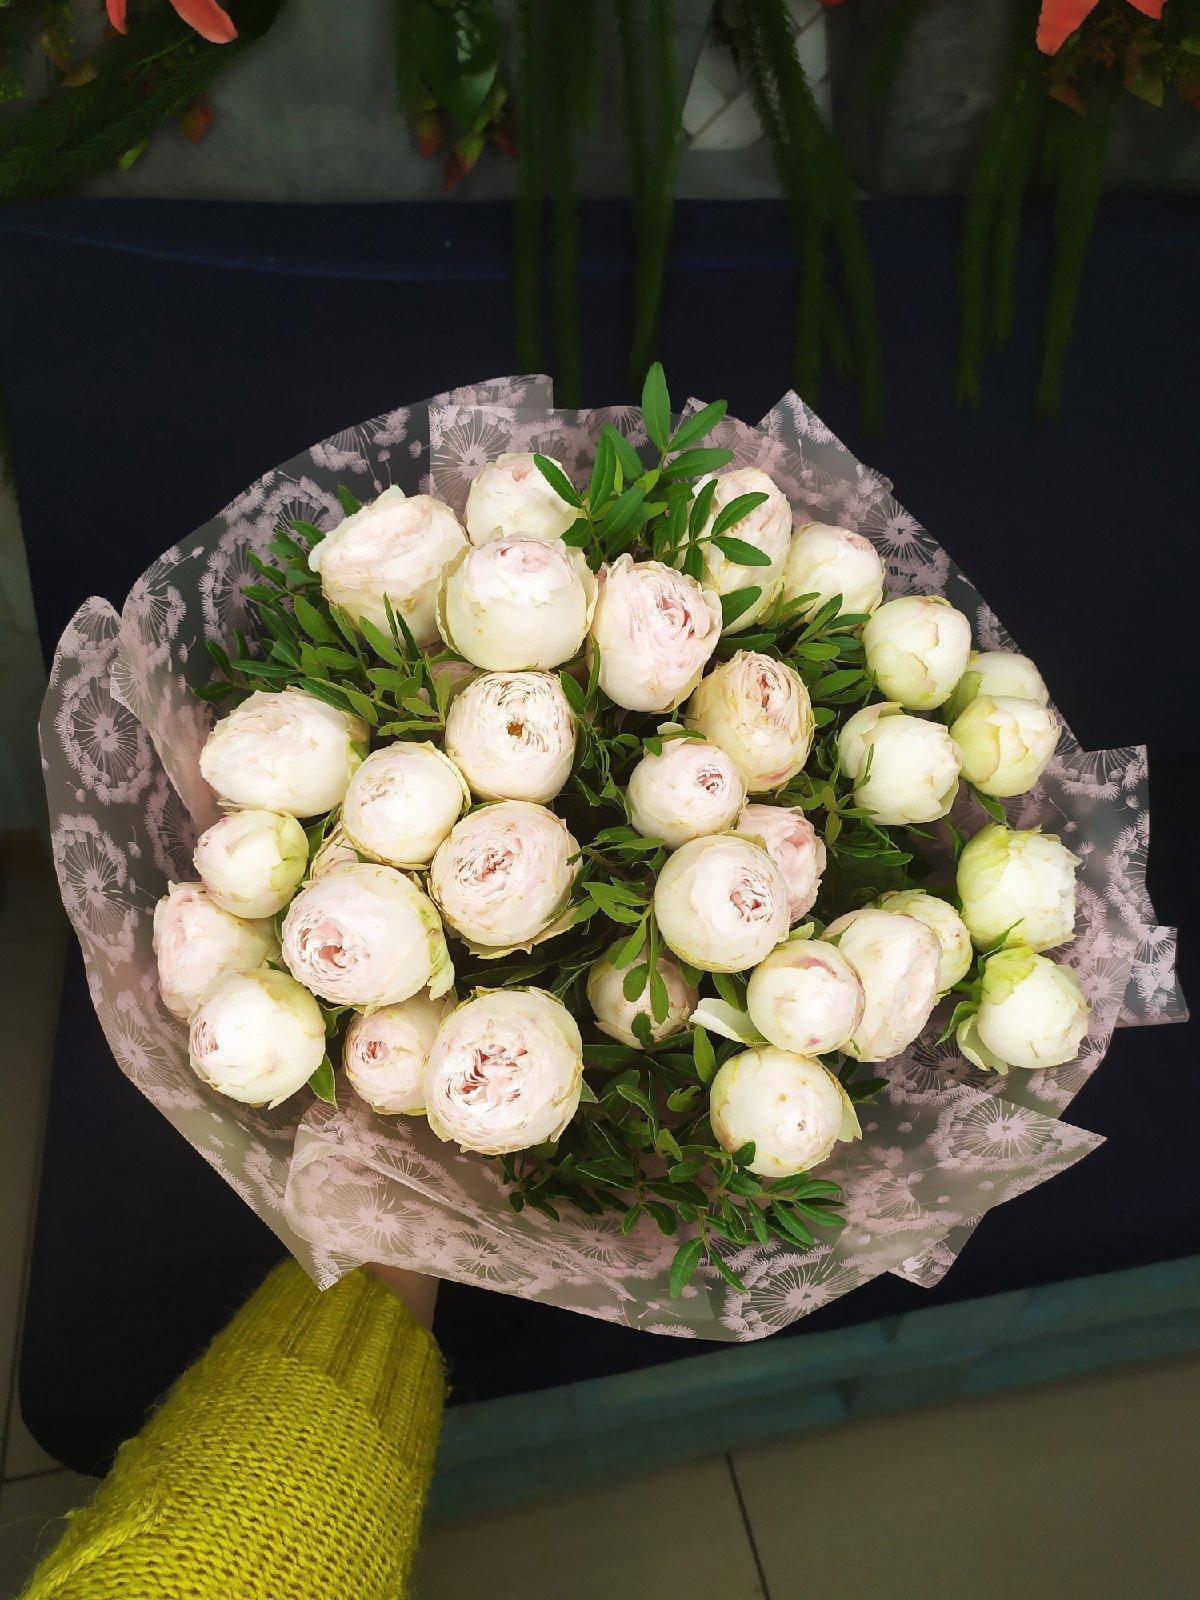 Комбо-подарок на День влюблённых. От сердца к сердцу, фото-13